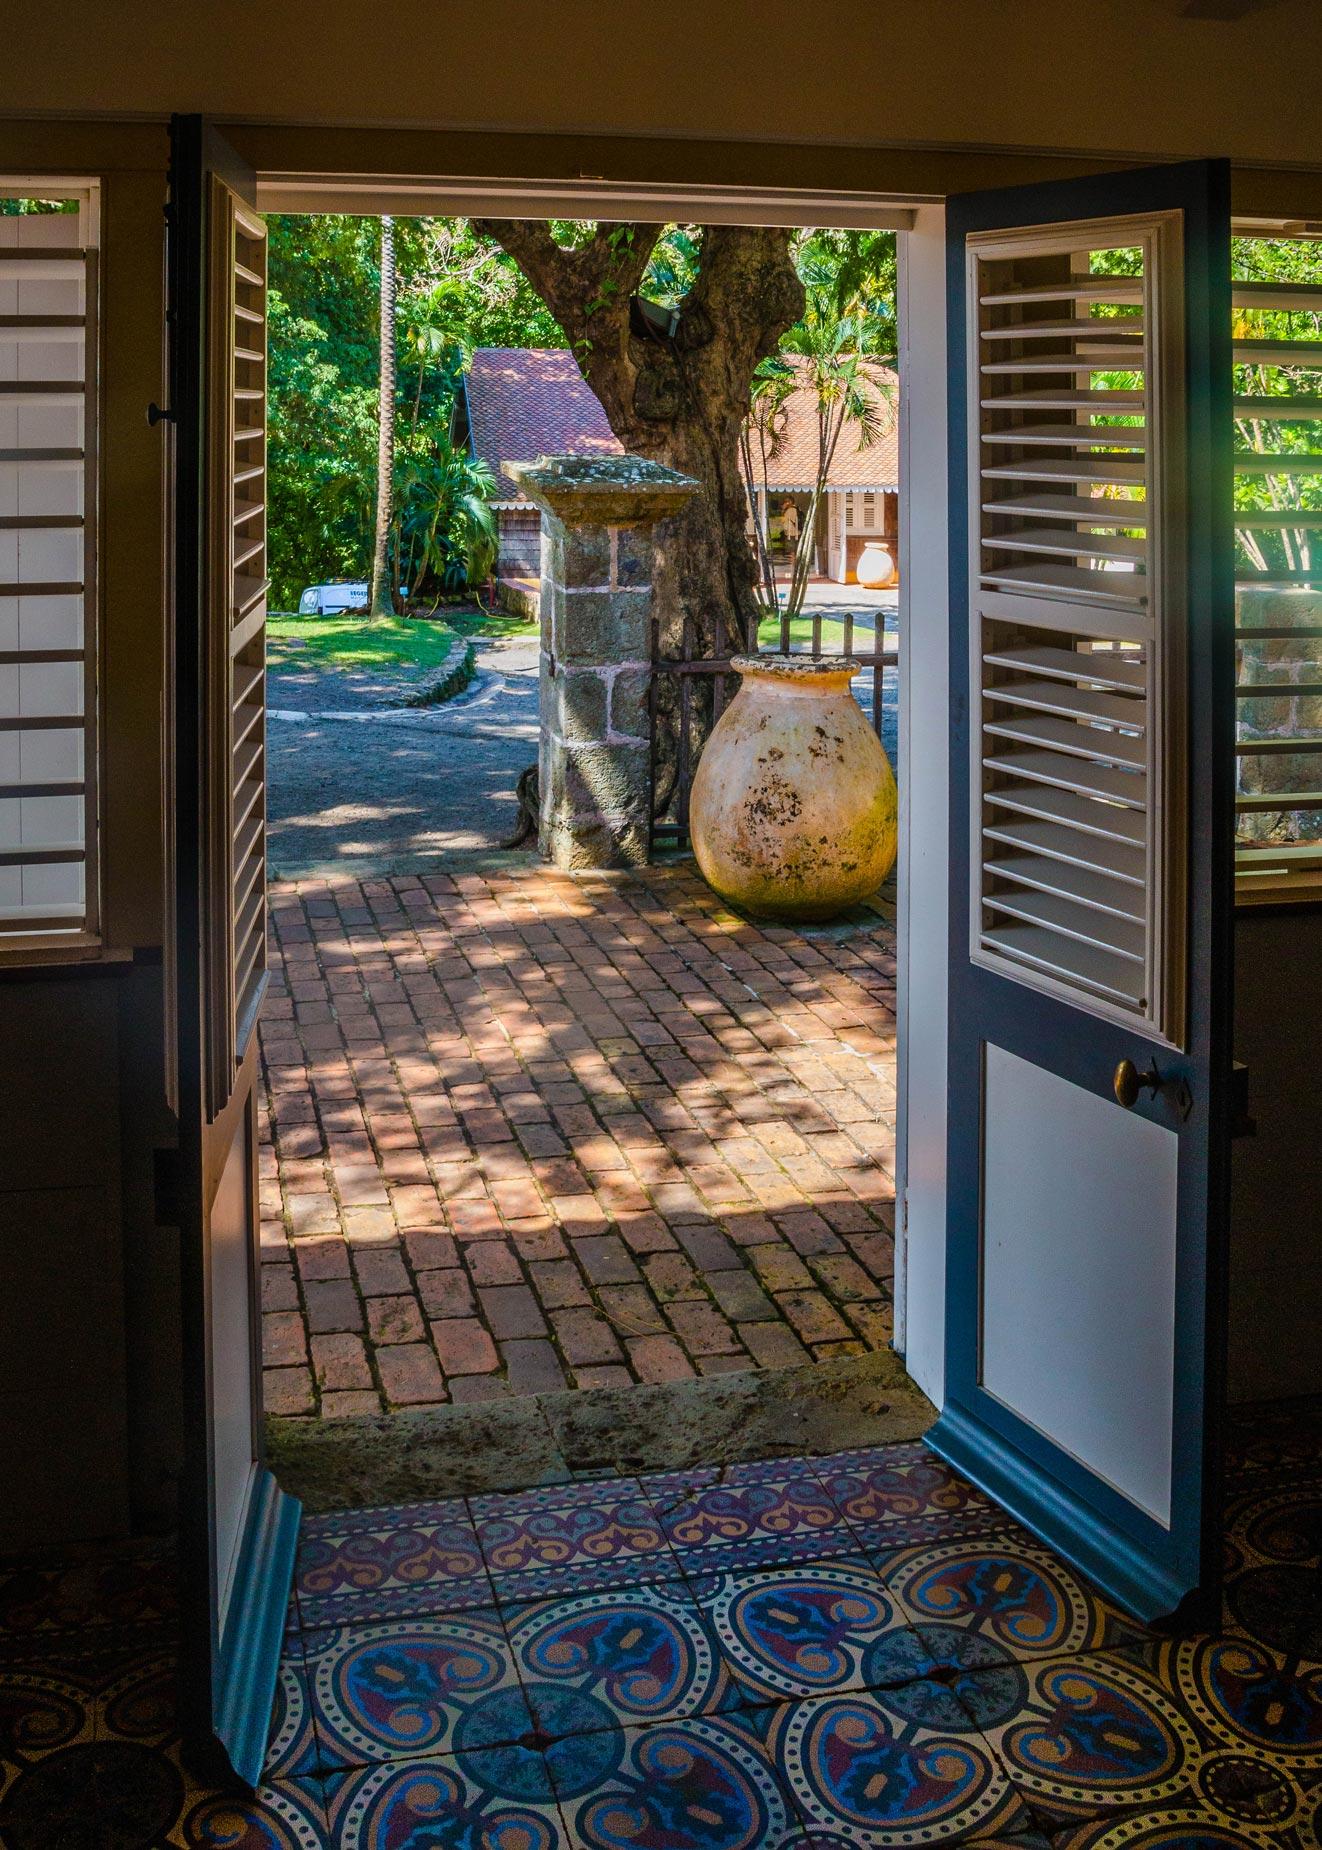 martinique_habitation-clement_door_2459.jpg